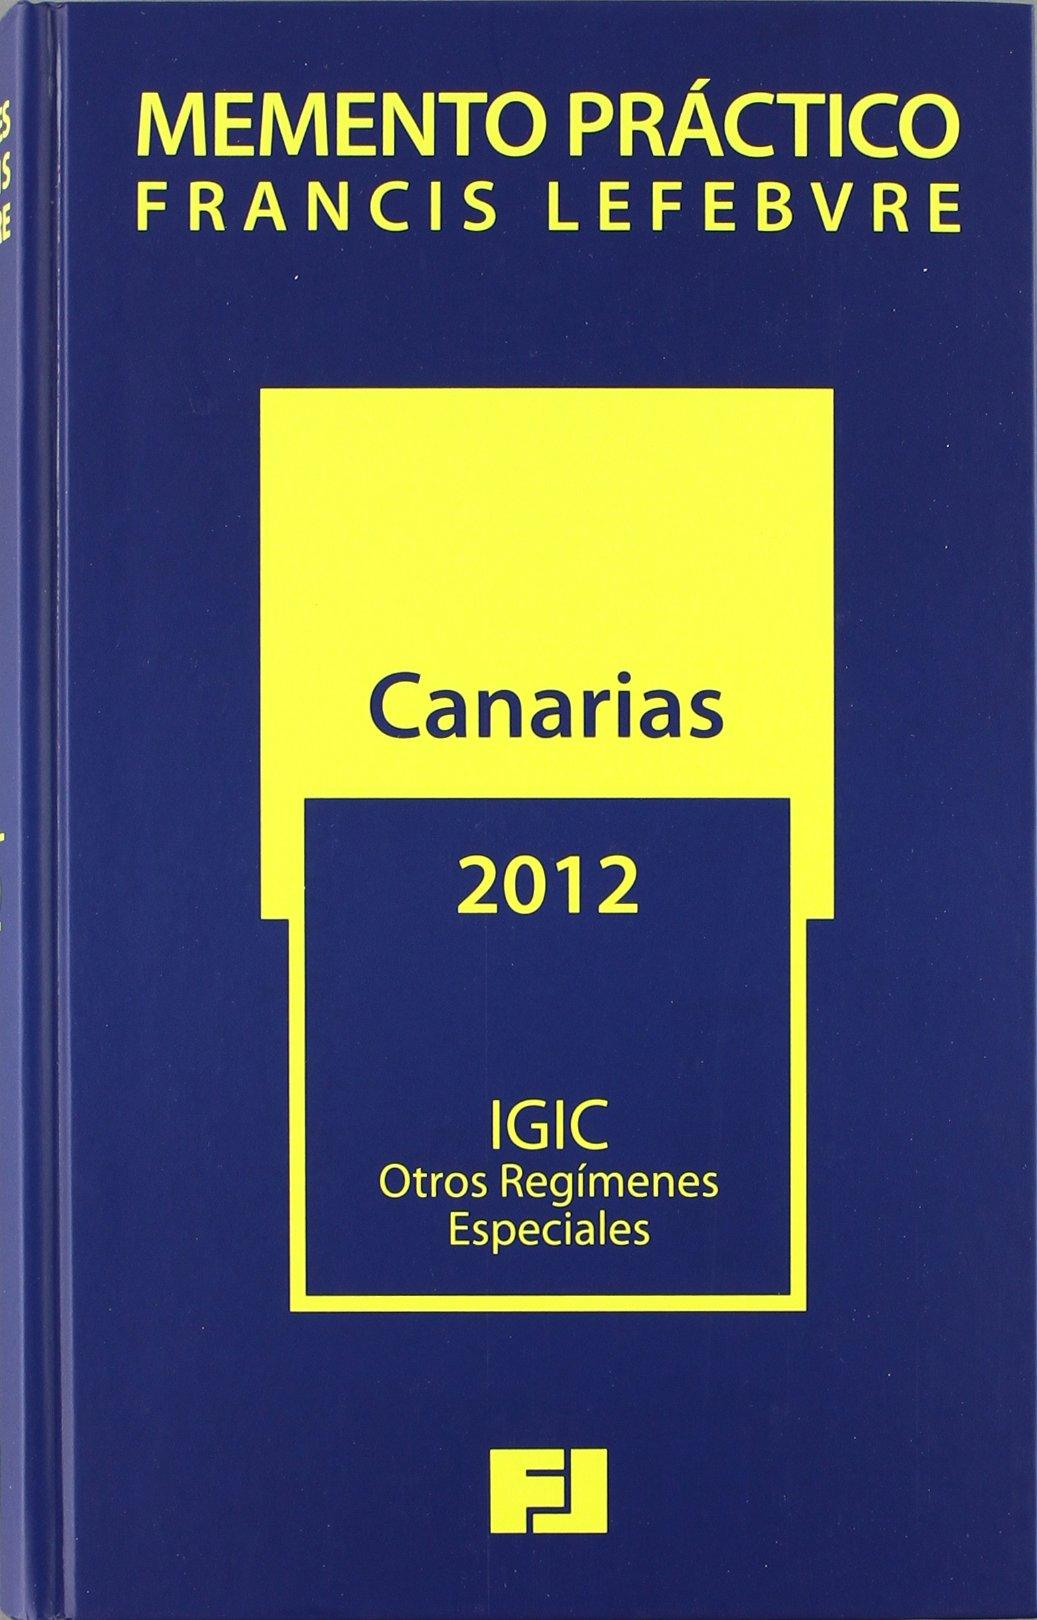 MEMENTO PRÁCTICO IGIC 2012 (Mementos Practicos): Amazon.es: FRANCIS LEFEBVRE: Libros